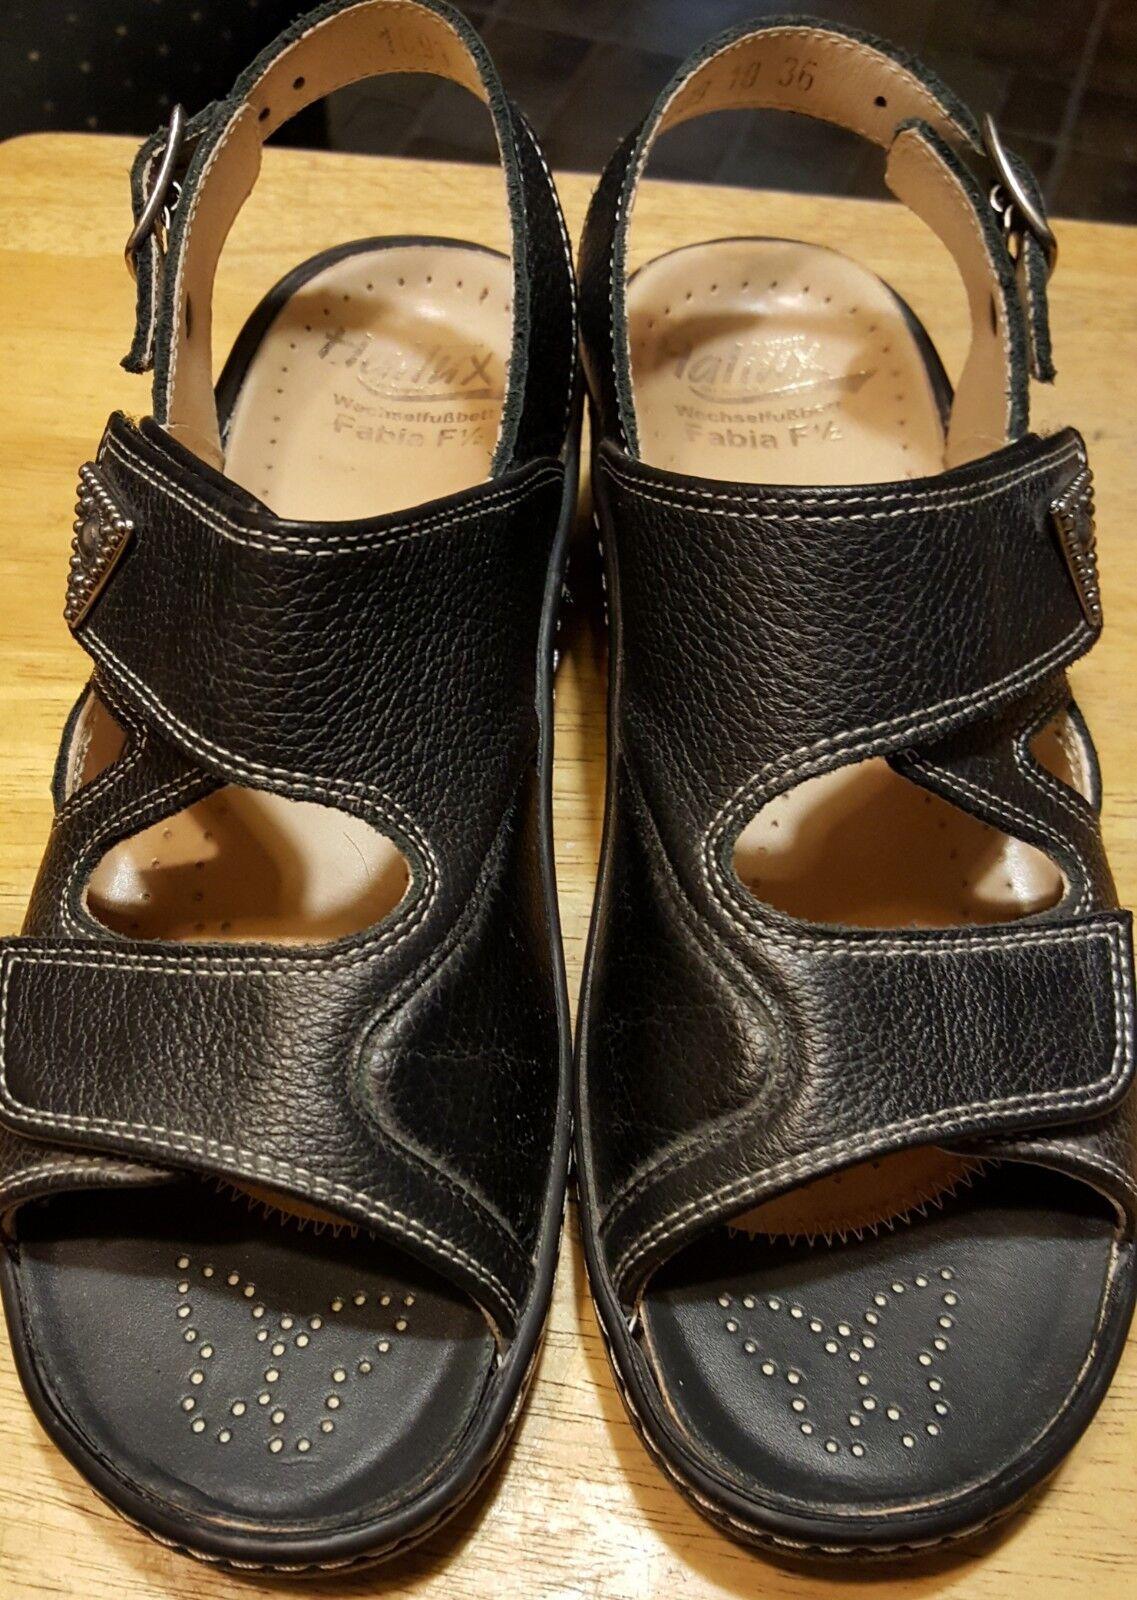 Fidelio womens hallux Fabia bunion relief adjustable adjustable adjustable sandals usa size 6 (36) f99879